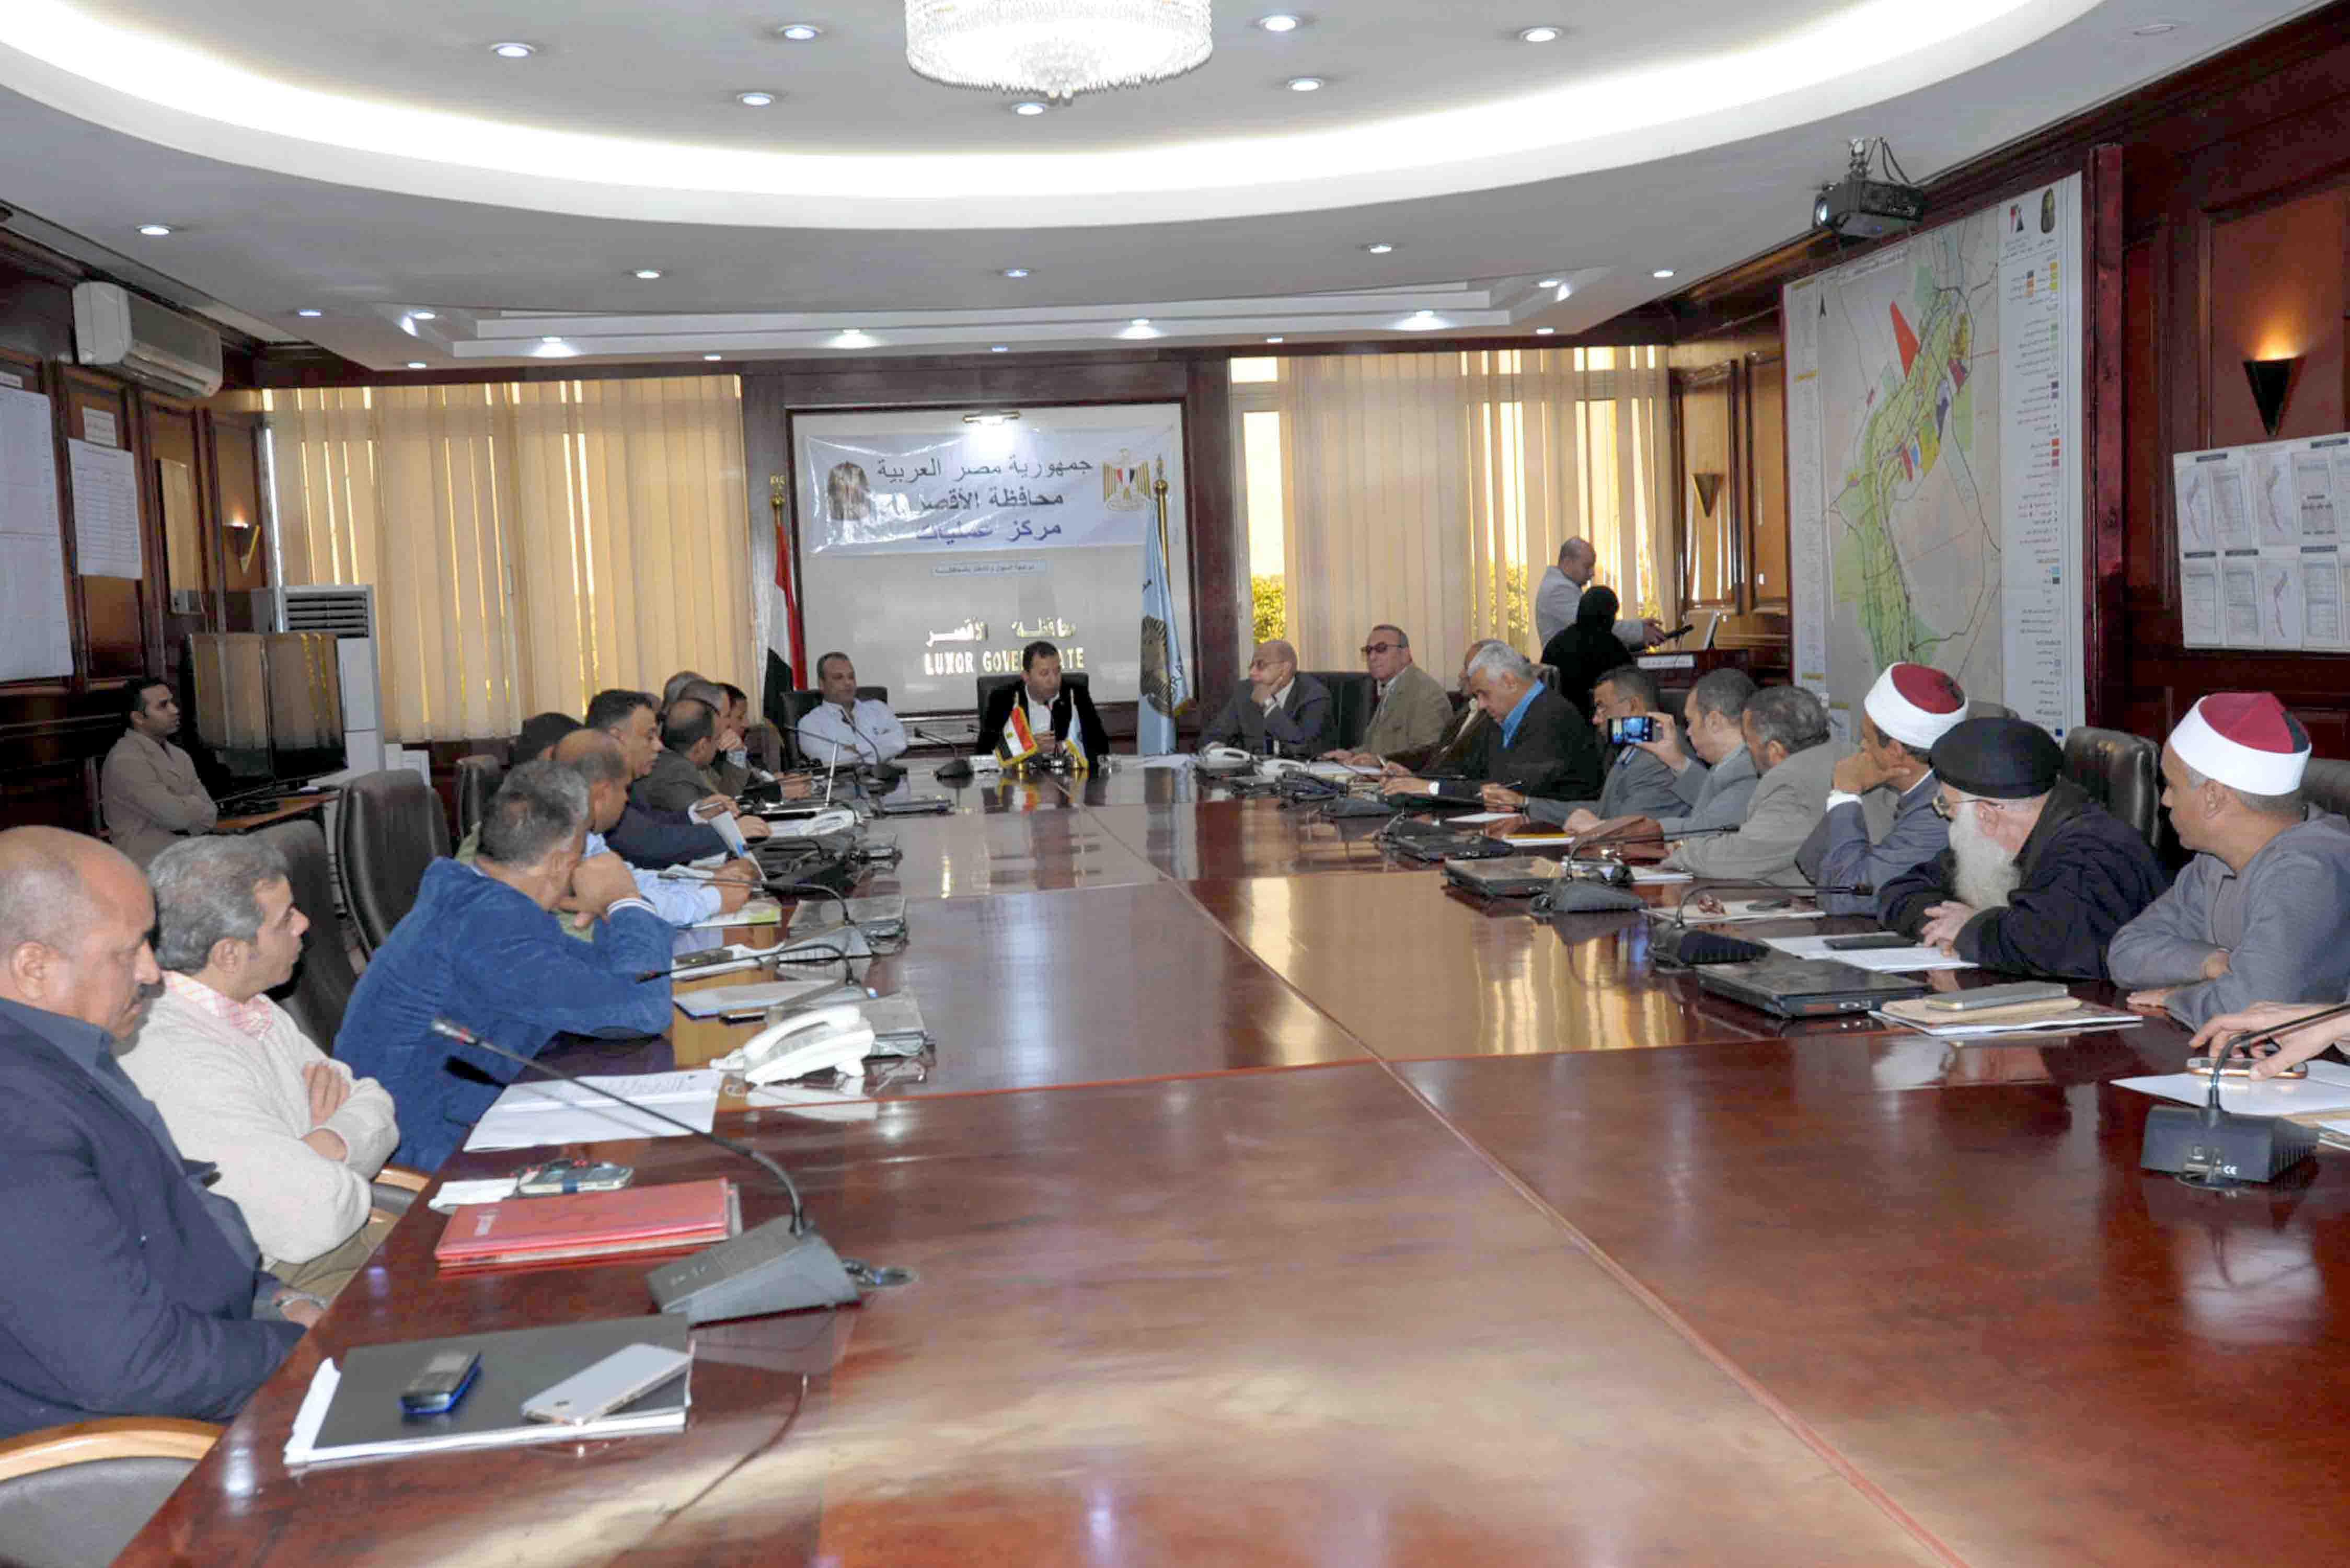 جانب من اجتماع قيادات المحافظة لبحث خطط السكان